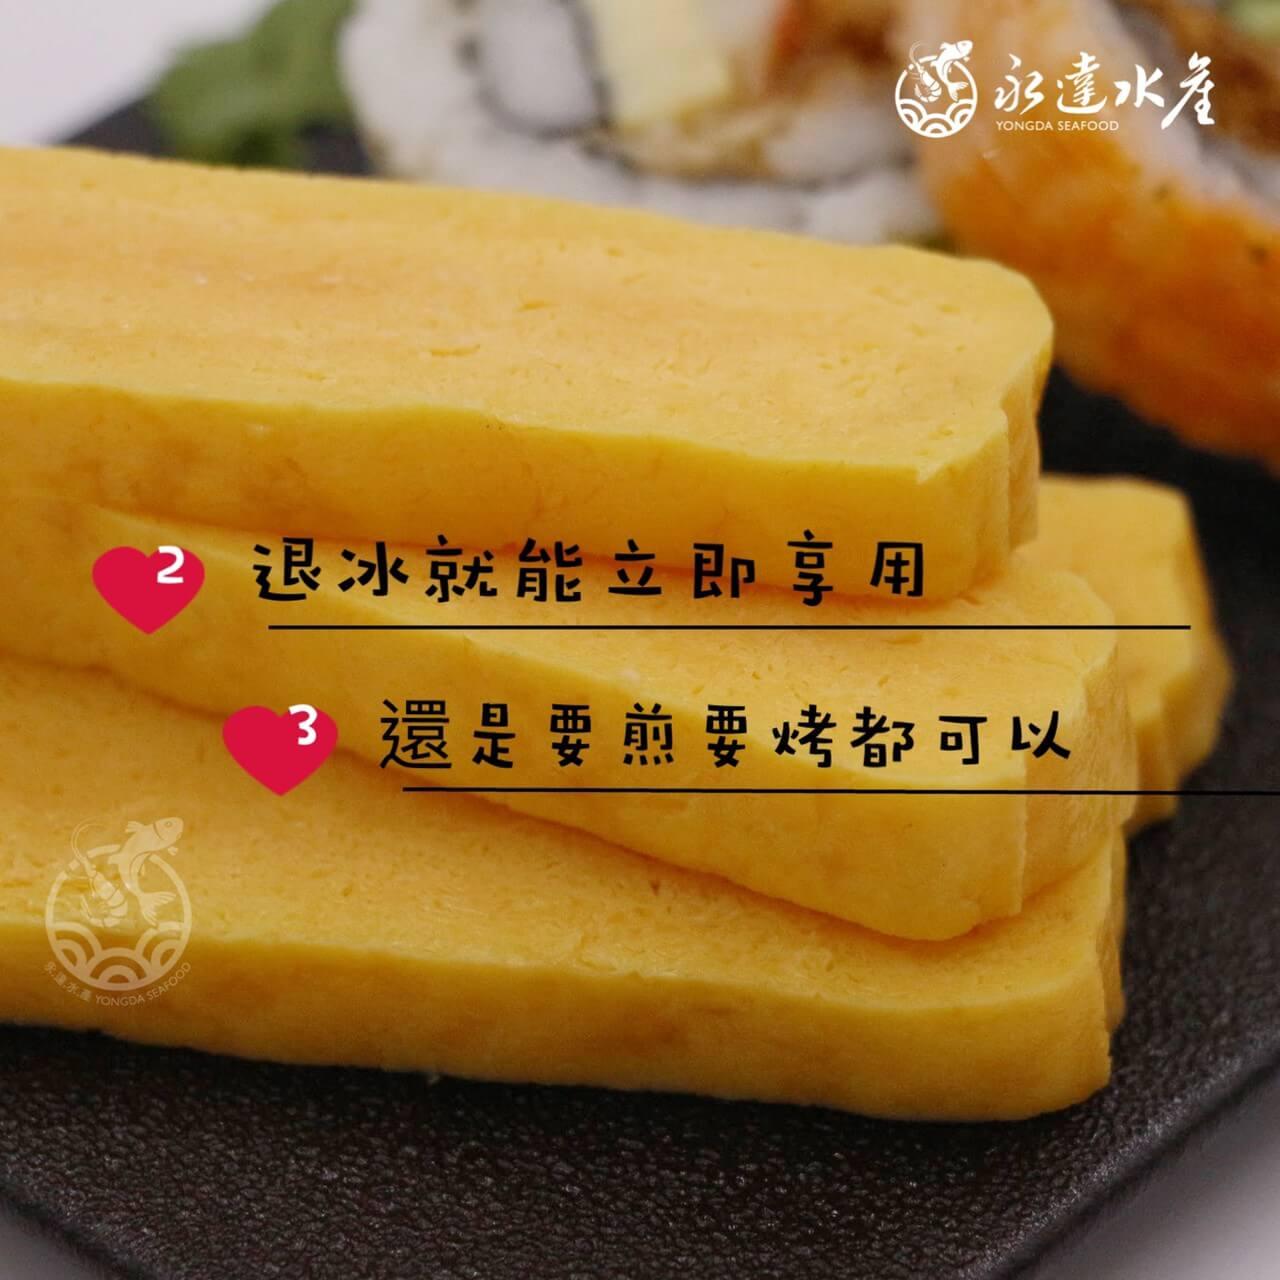 食品|日本原裝厚玉子燒|厚玉子燒|玉子燒|日本蛋卷|蛋卷|蛋